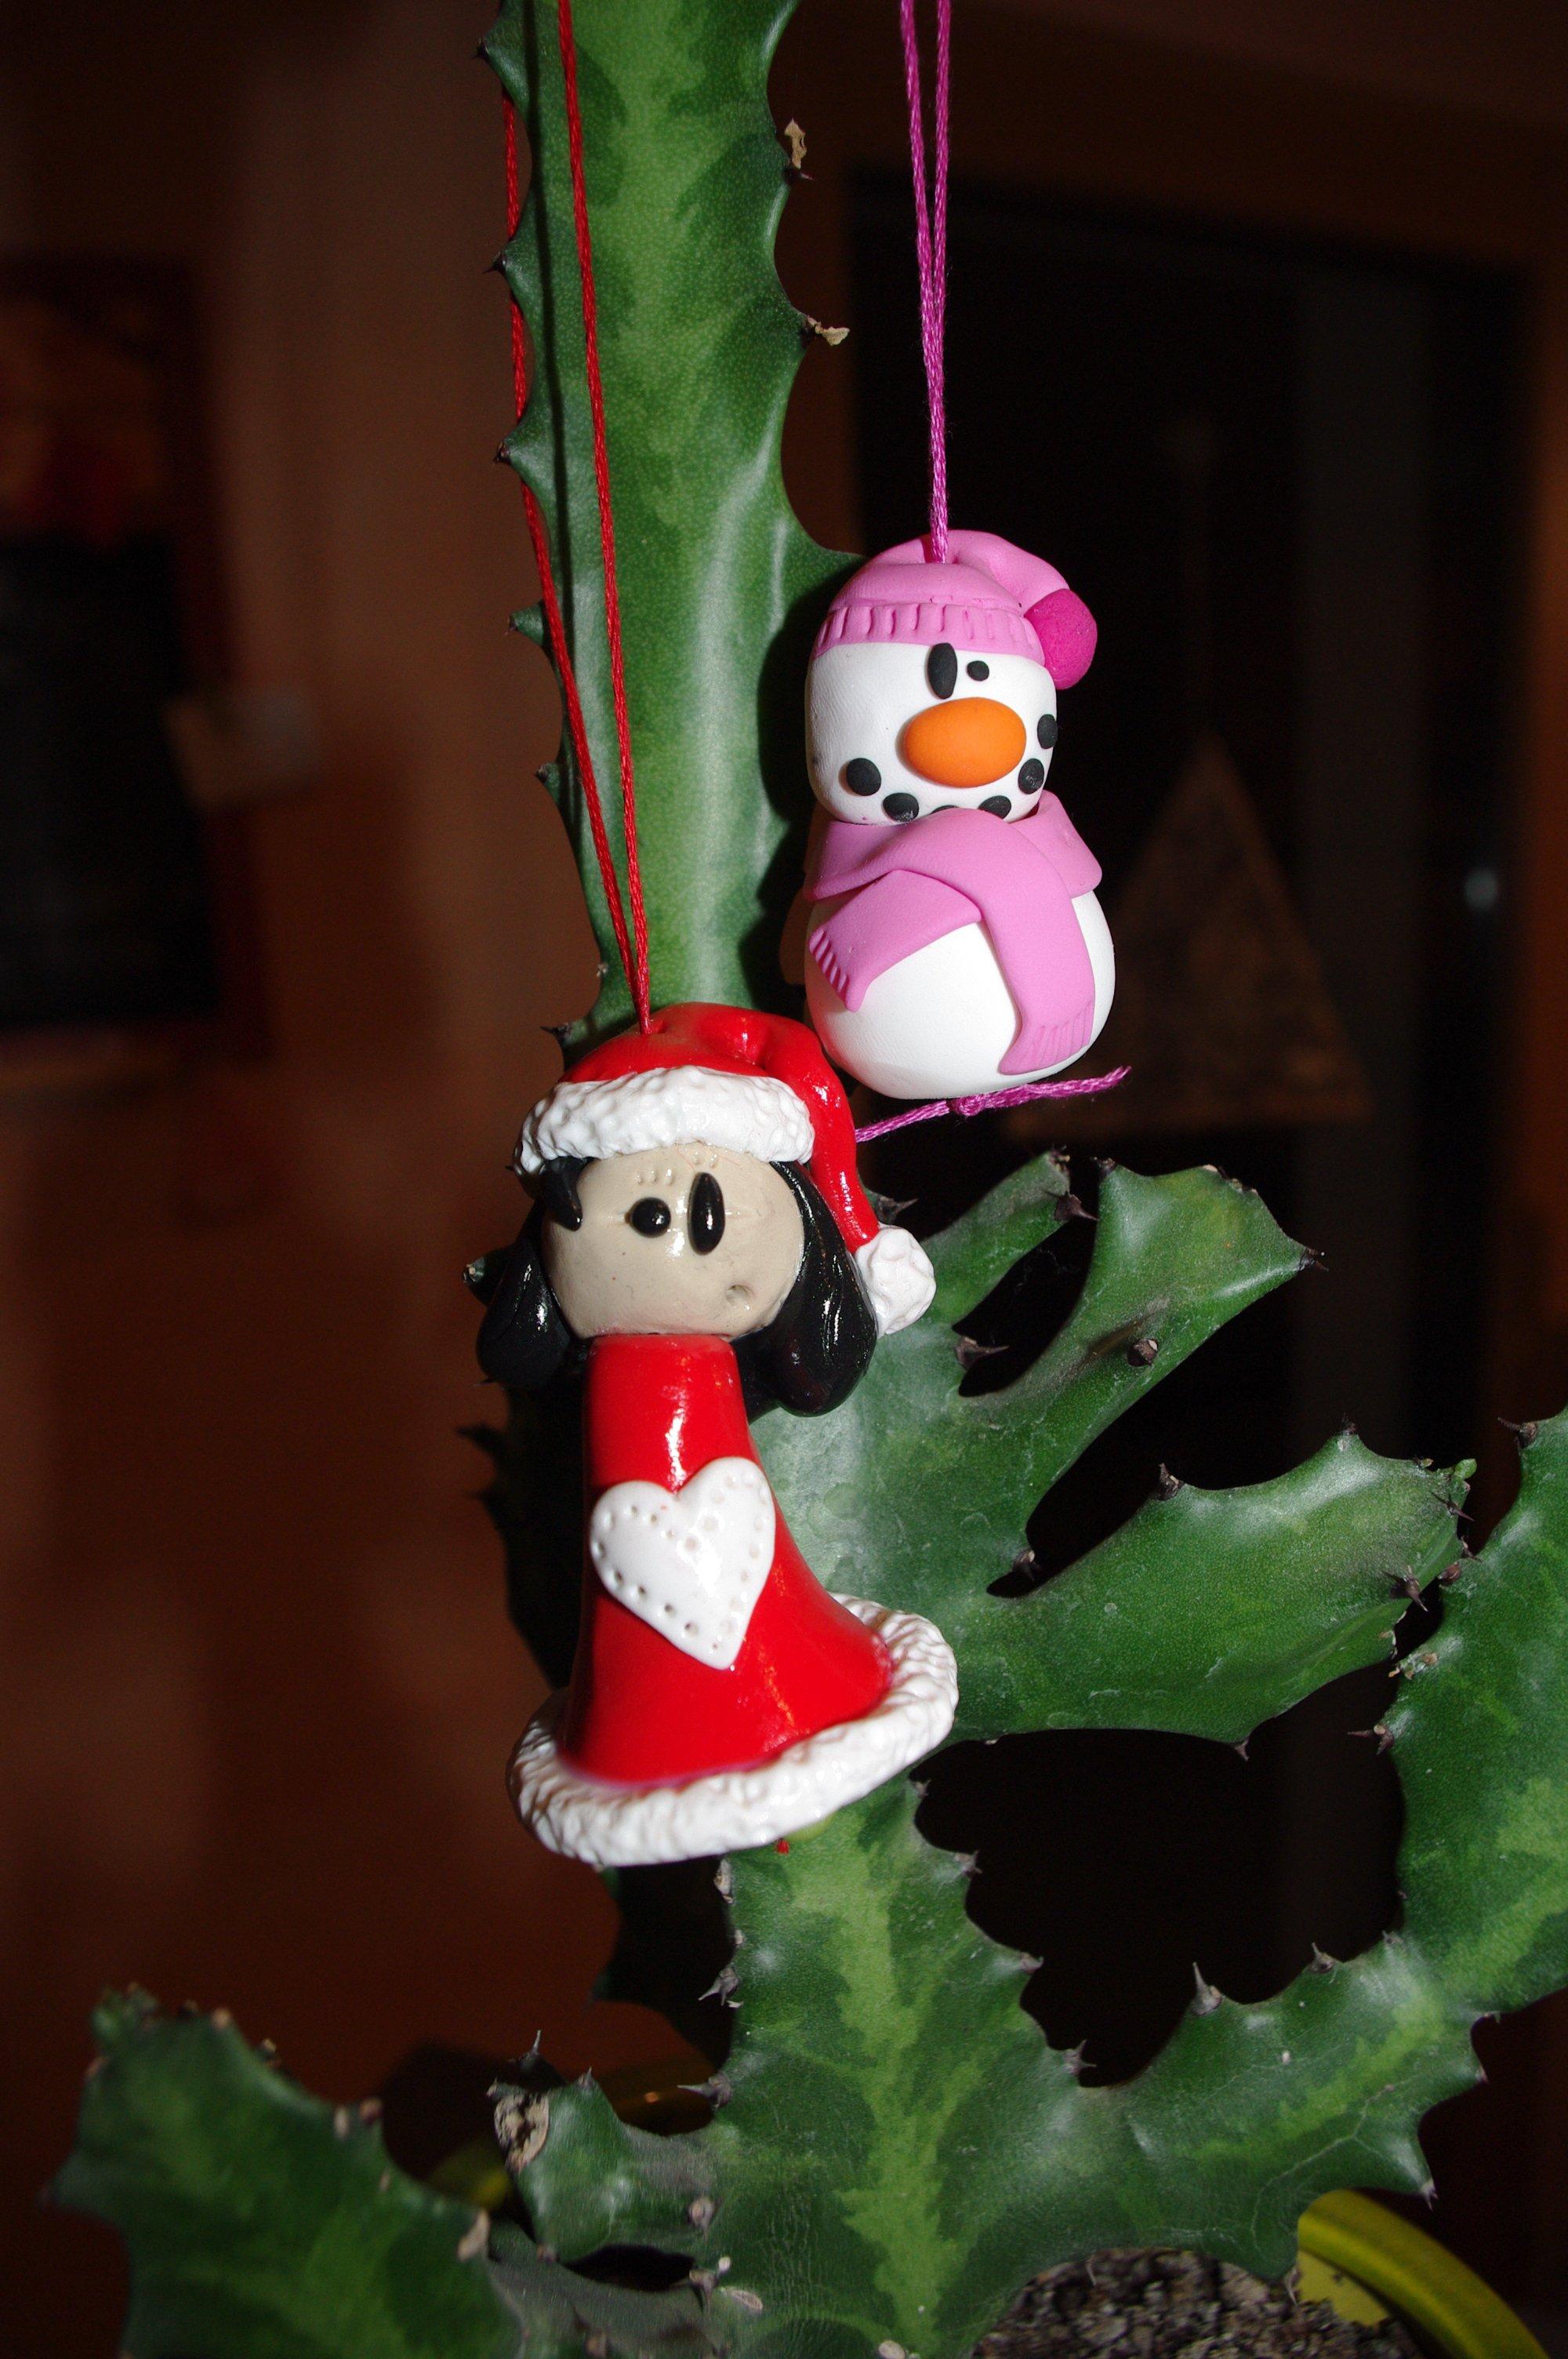 #C10A18 Déco Pour Sapin De Noël. « Créations En Pâte Fimo (polymère) 6181 decoration de table de noel en pate fimo 2000x3008 px @ aertt.com